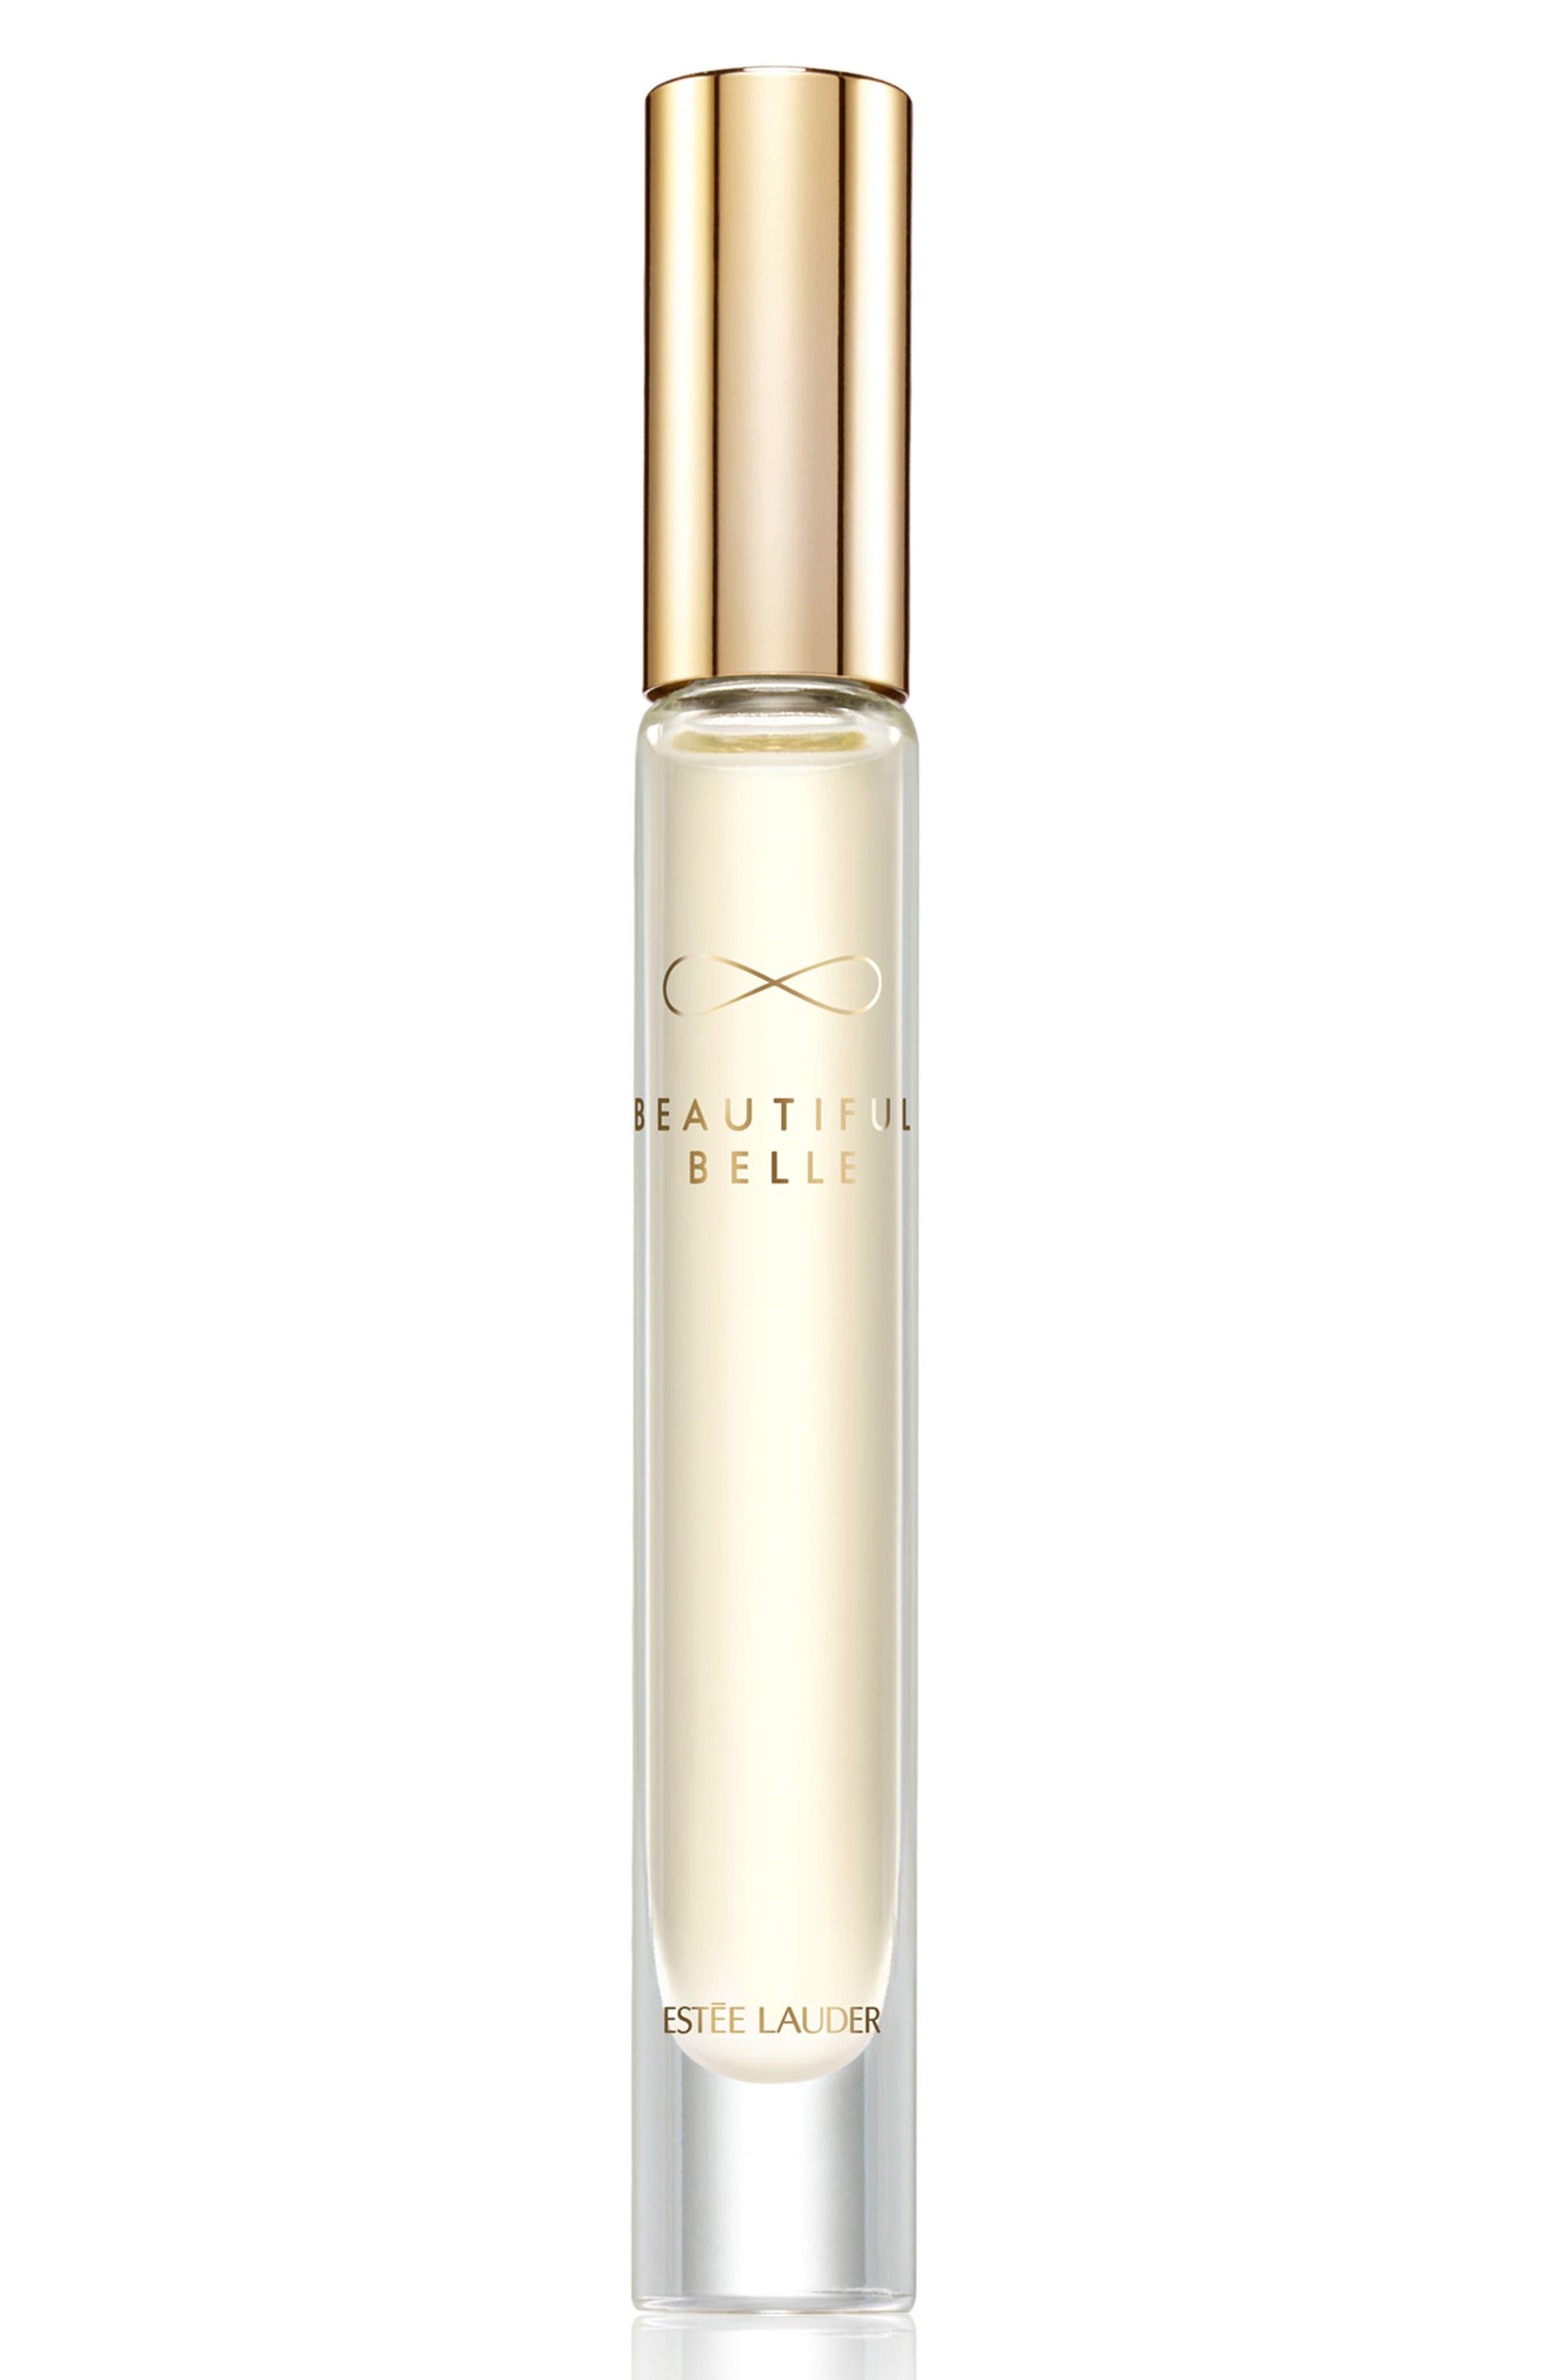 ESTÉE LAUDER, Beautiful Belle Eau de Parfum Rollerball, Main thumbnail 1, color, 000